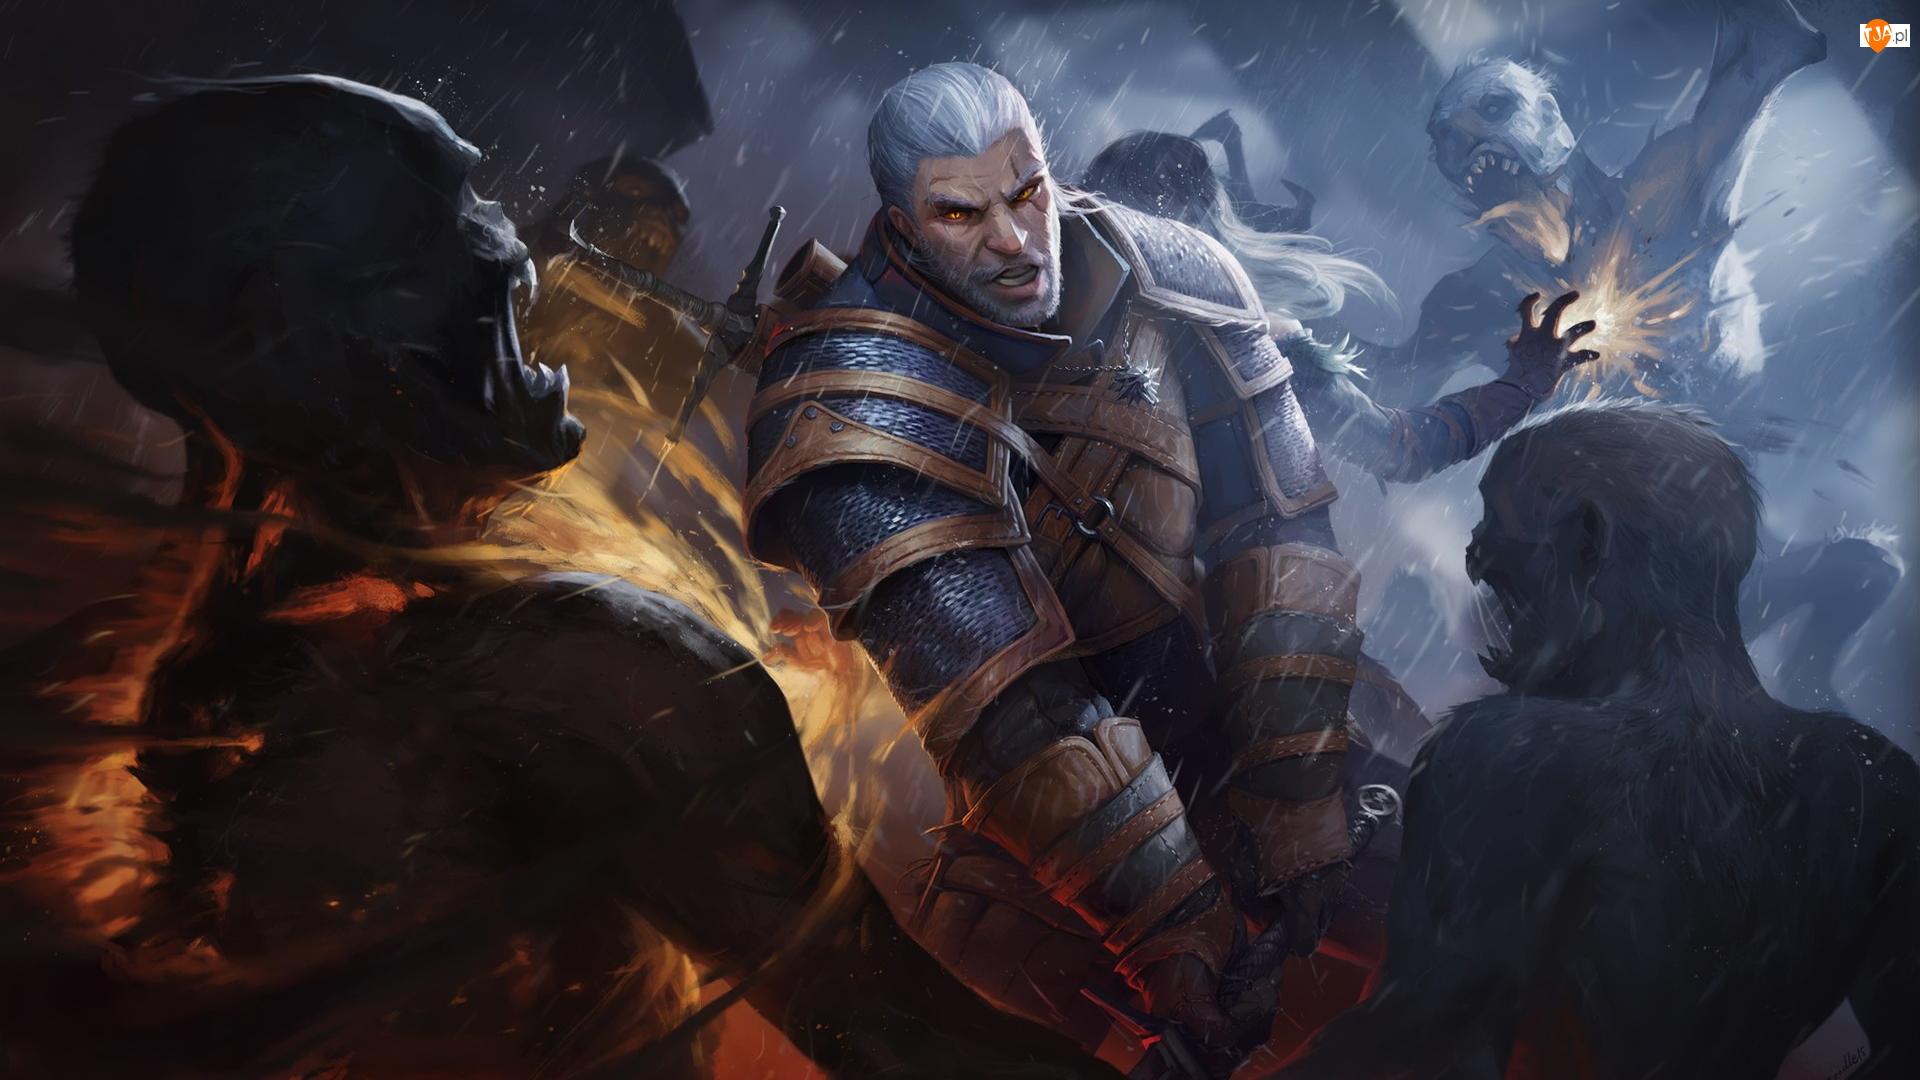 Zombie, Wiedźmin 3 Dziki Gon, The Witcher 3 Wild Hunt, Geralt z Rivii